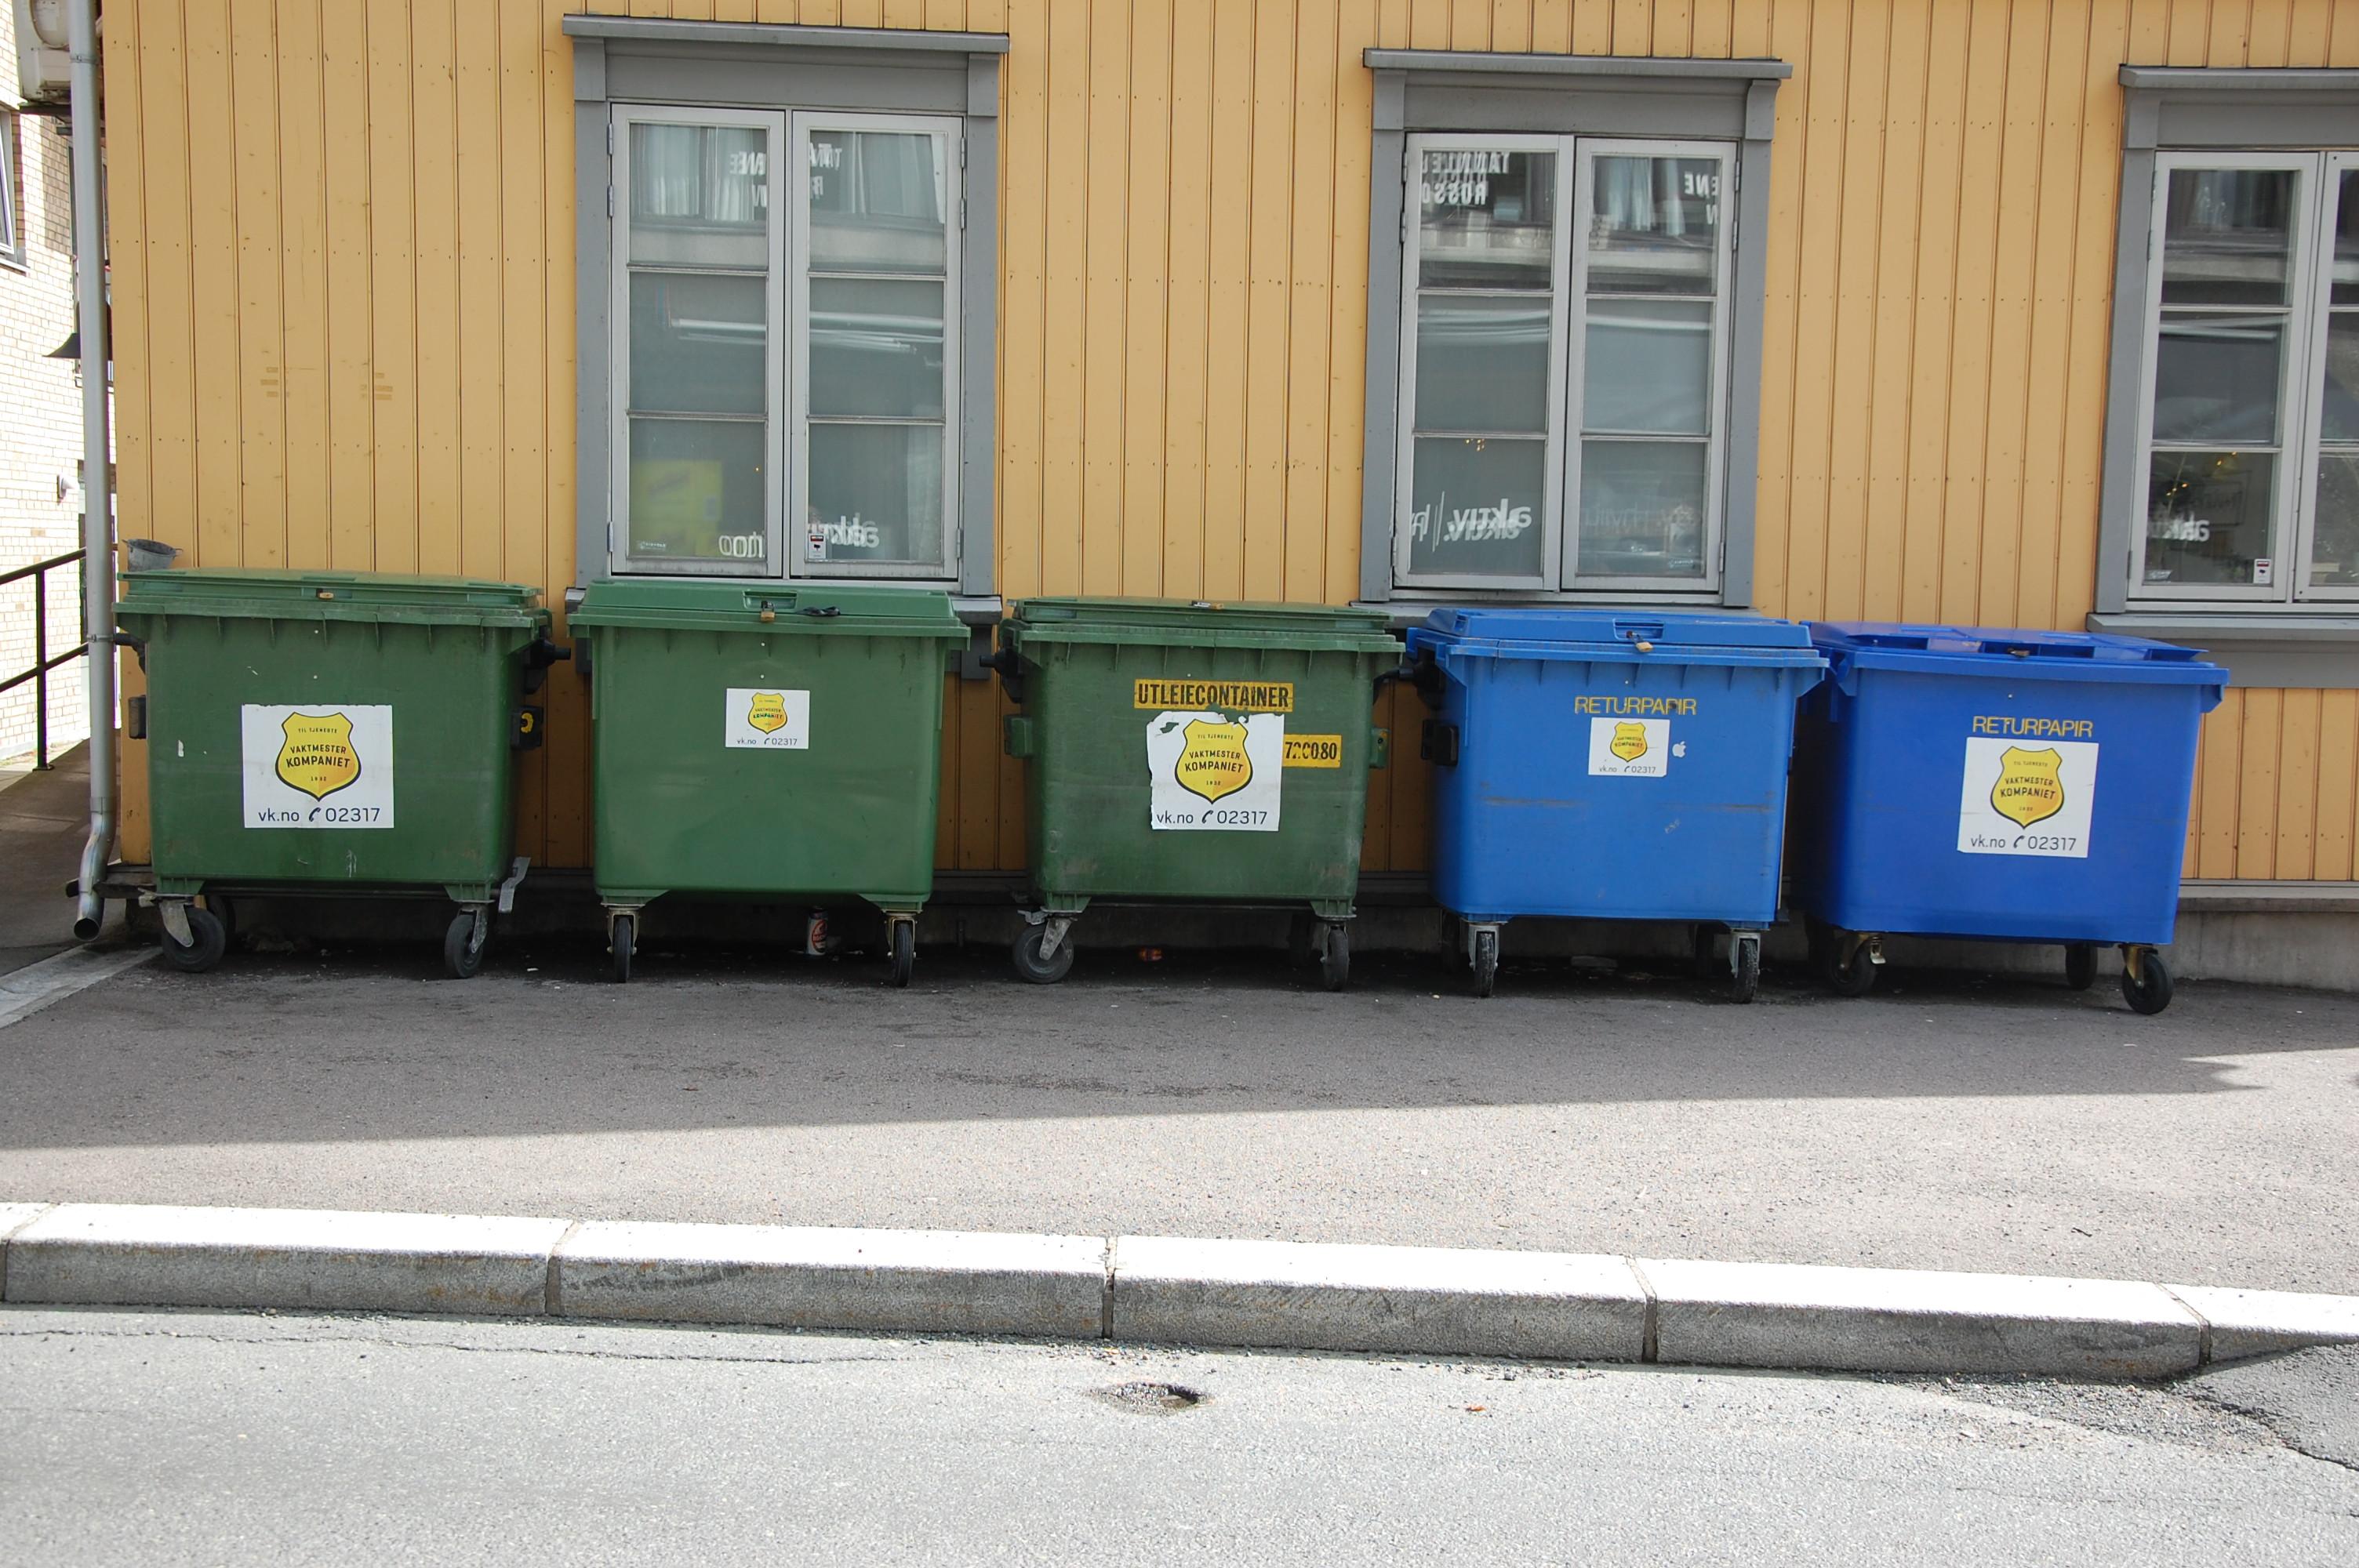 Søppelkasser_for_kildesortering_-_Maridalsveien_-_Oslo_-_2016-08-21_-_1.jpg